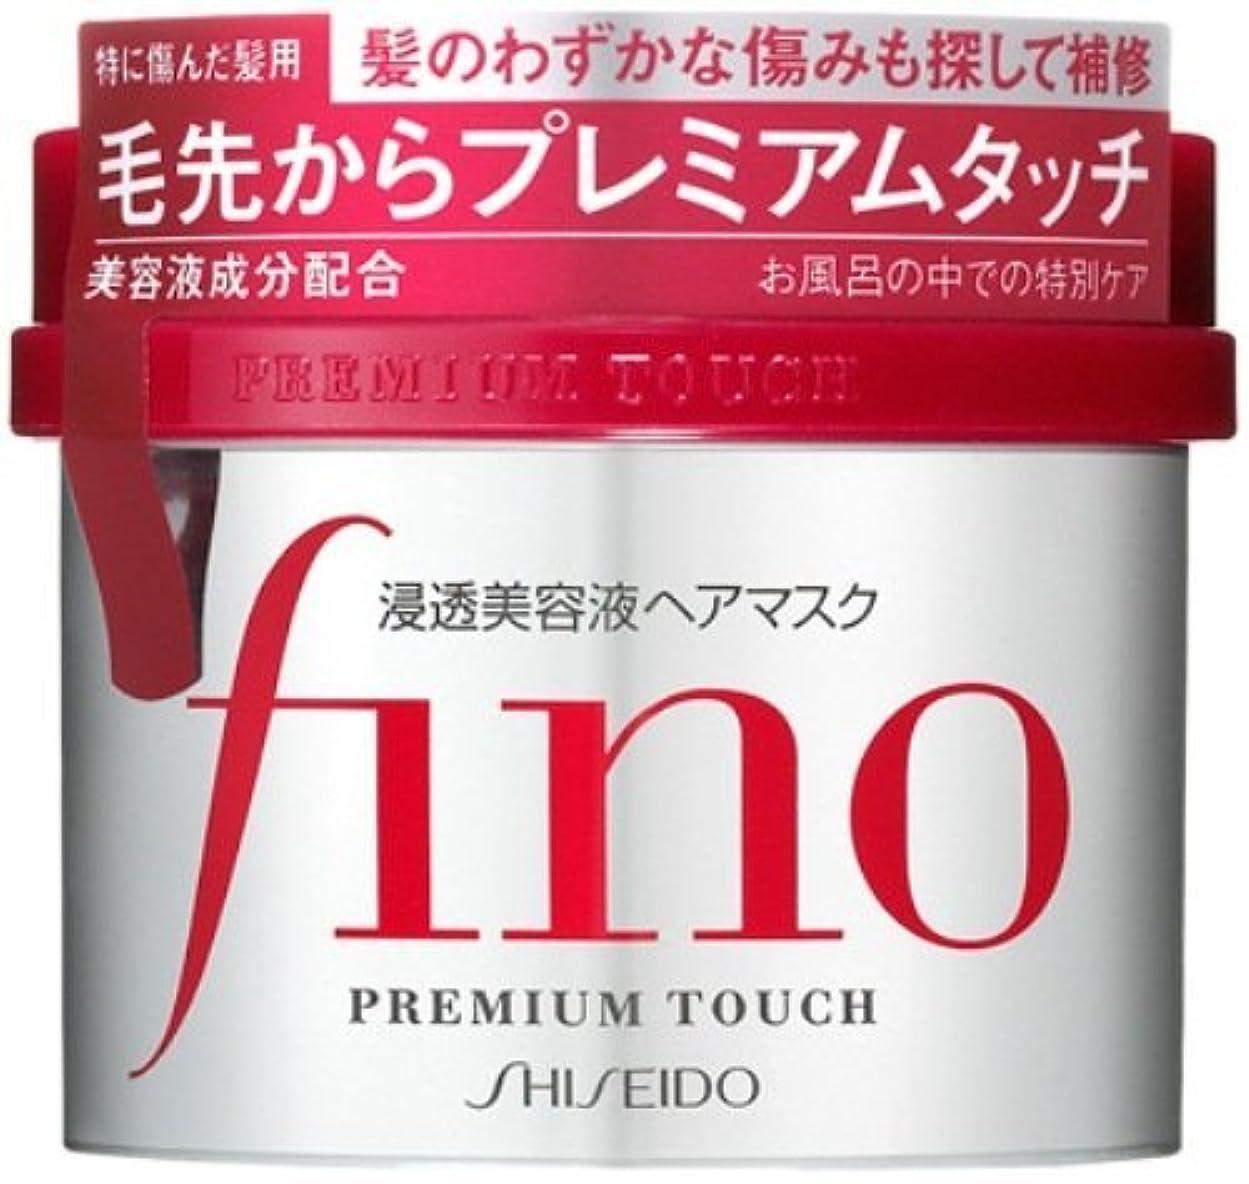 見落とす砦数学者フィーノ浸透美容液ヘアマスク230G × 10個セット